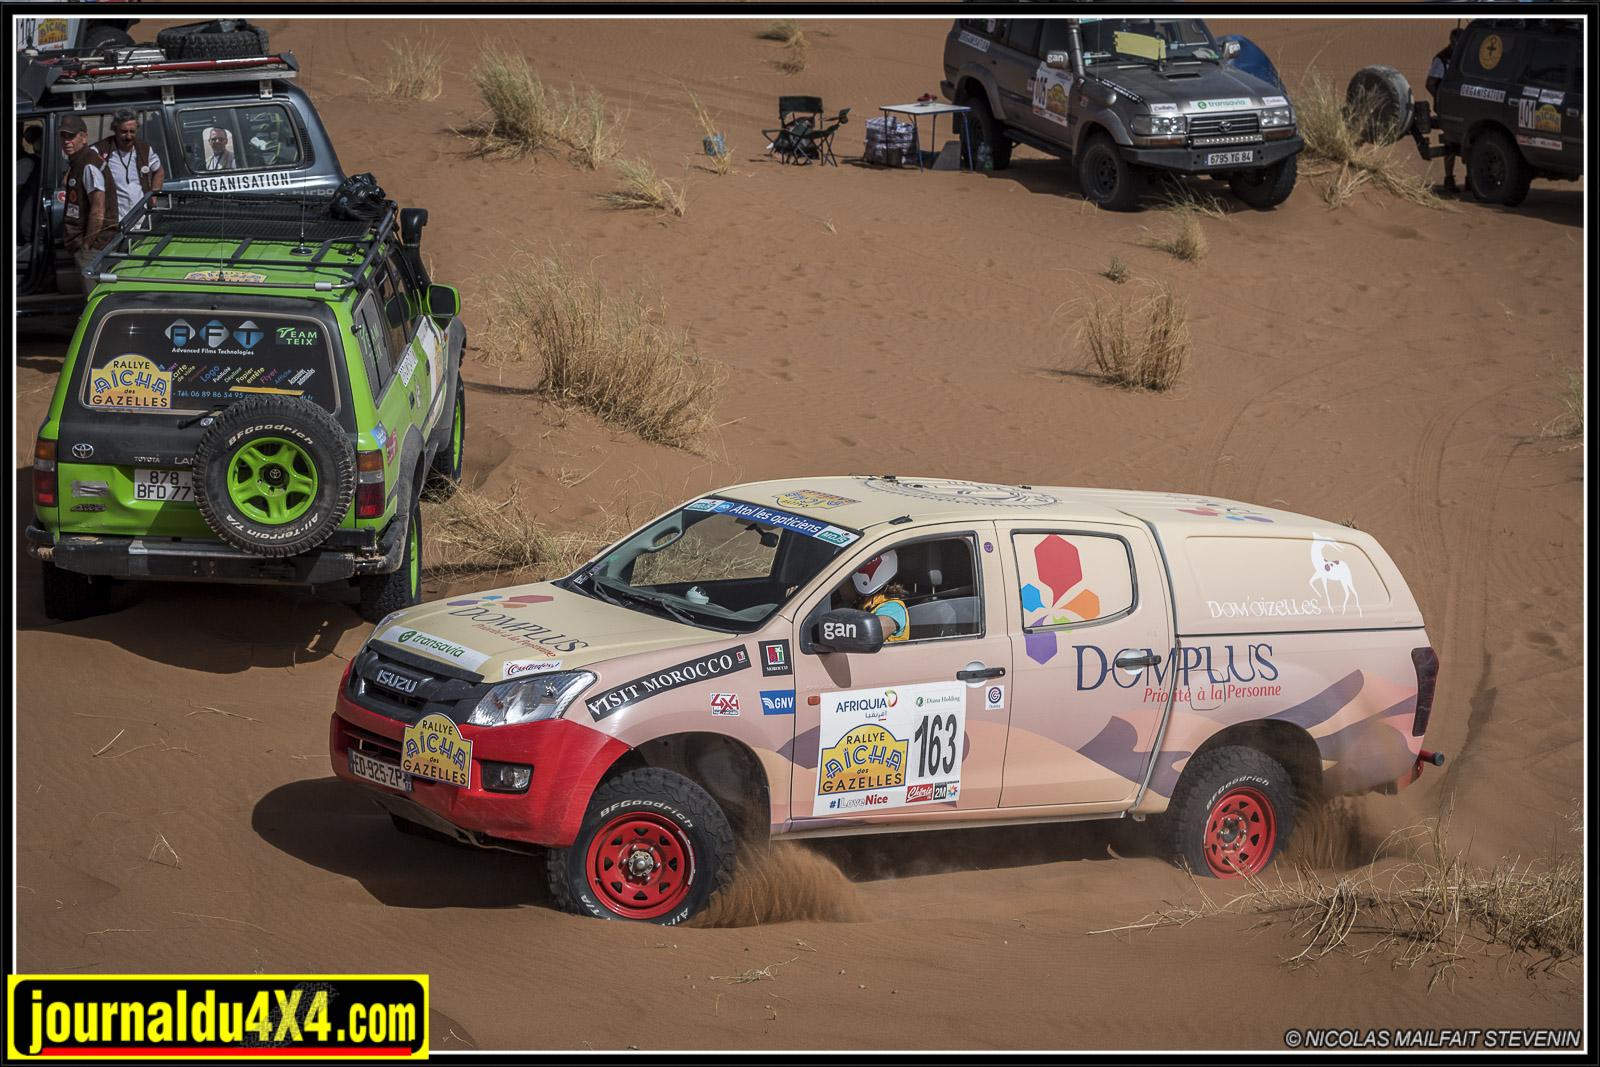 rallye-aicha-gazelles-maroc-2017-7727.jpg